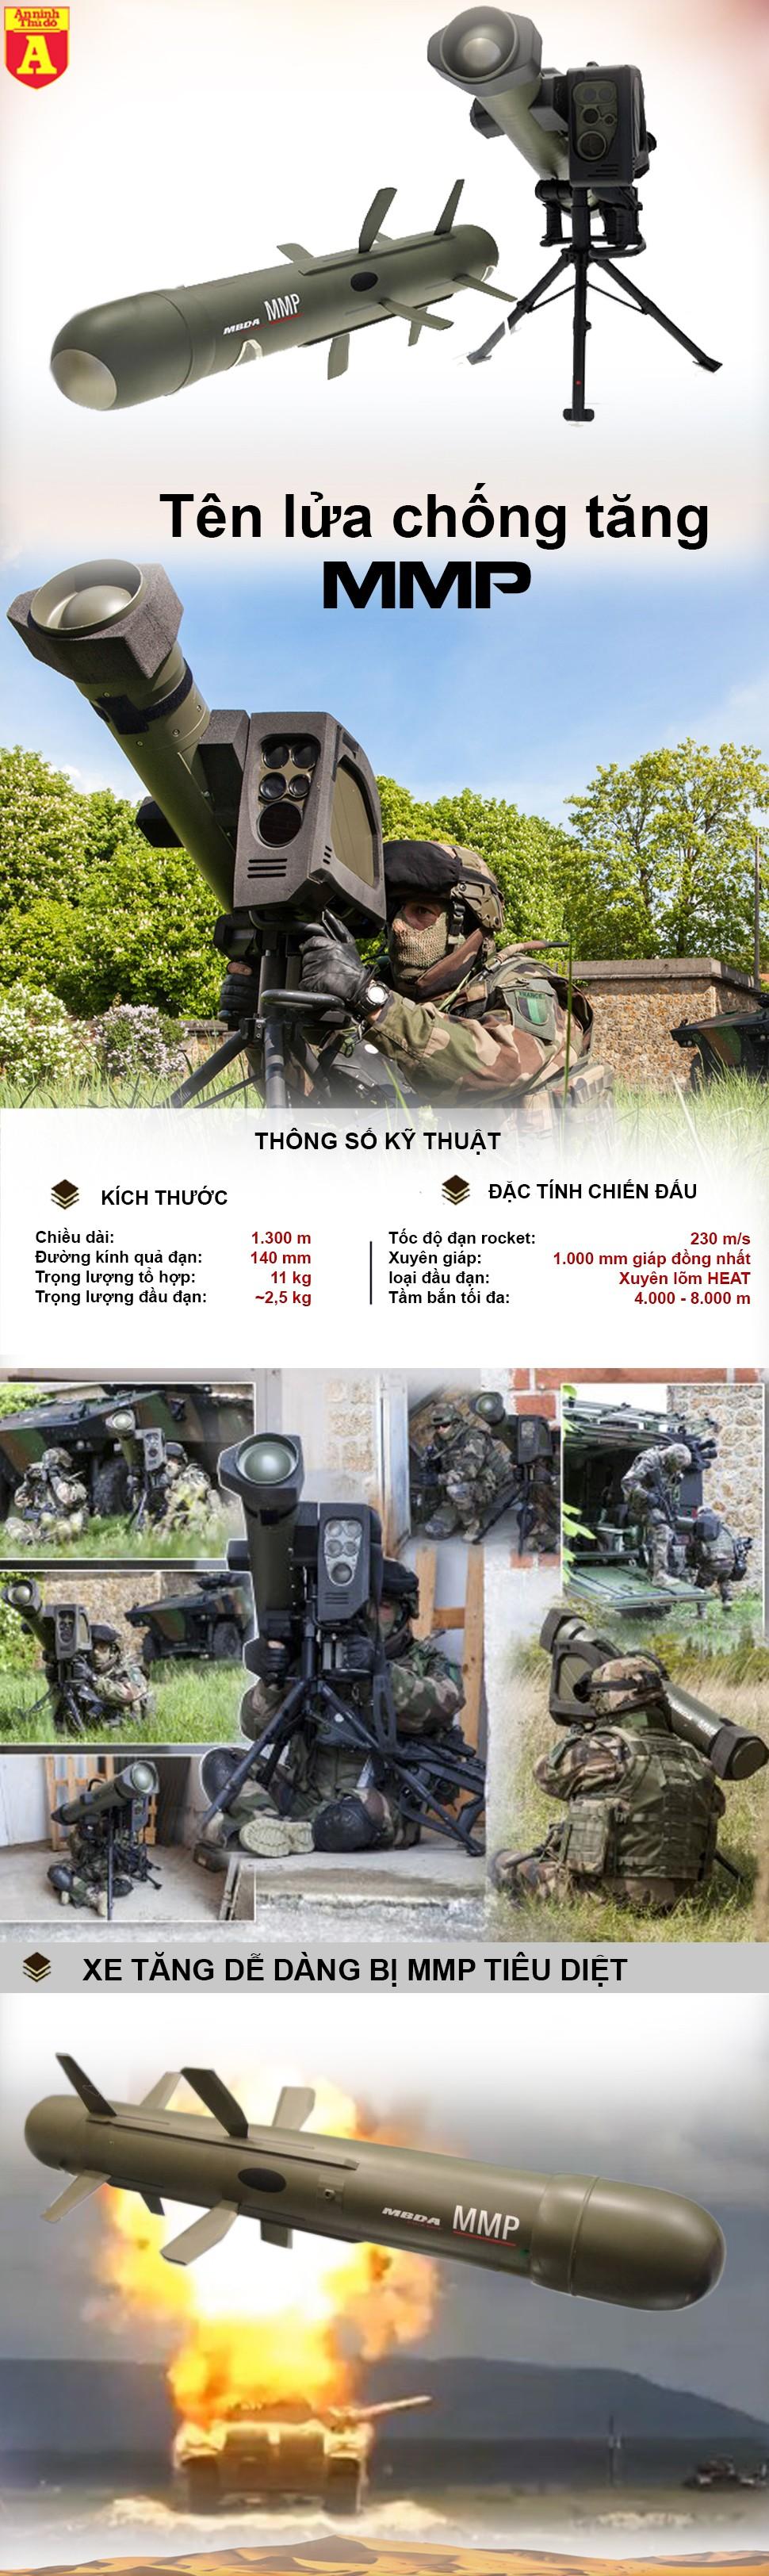 [Infographic] Quá bất ngờ khi IS có tên lửa chống tăng hiện đại nhất của Pháp ảnh 2